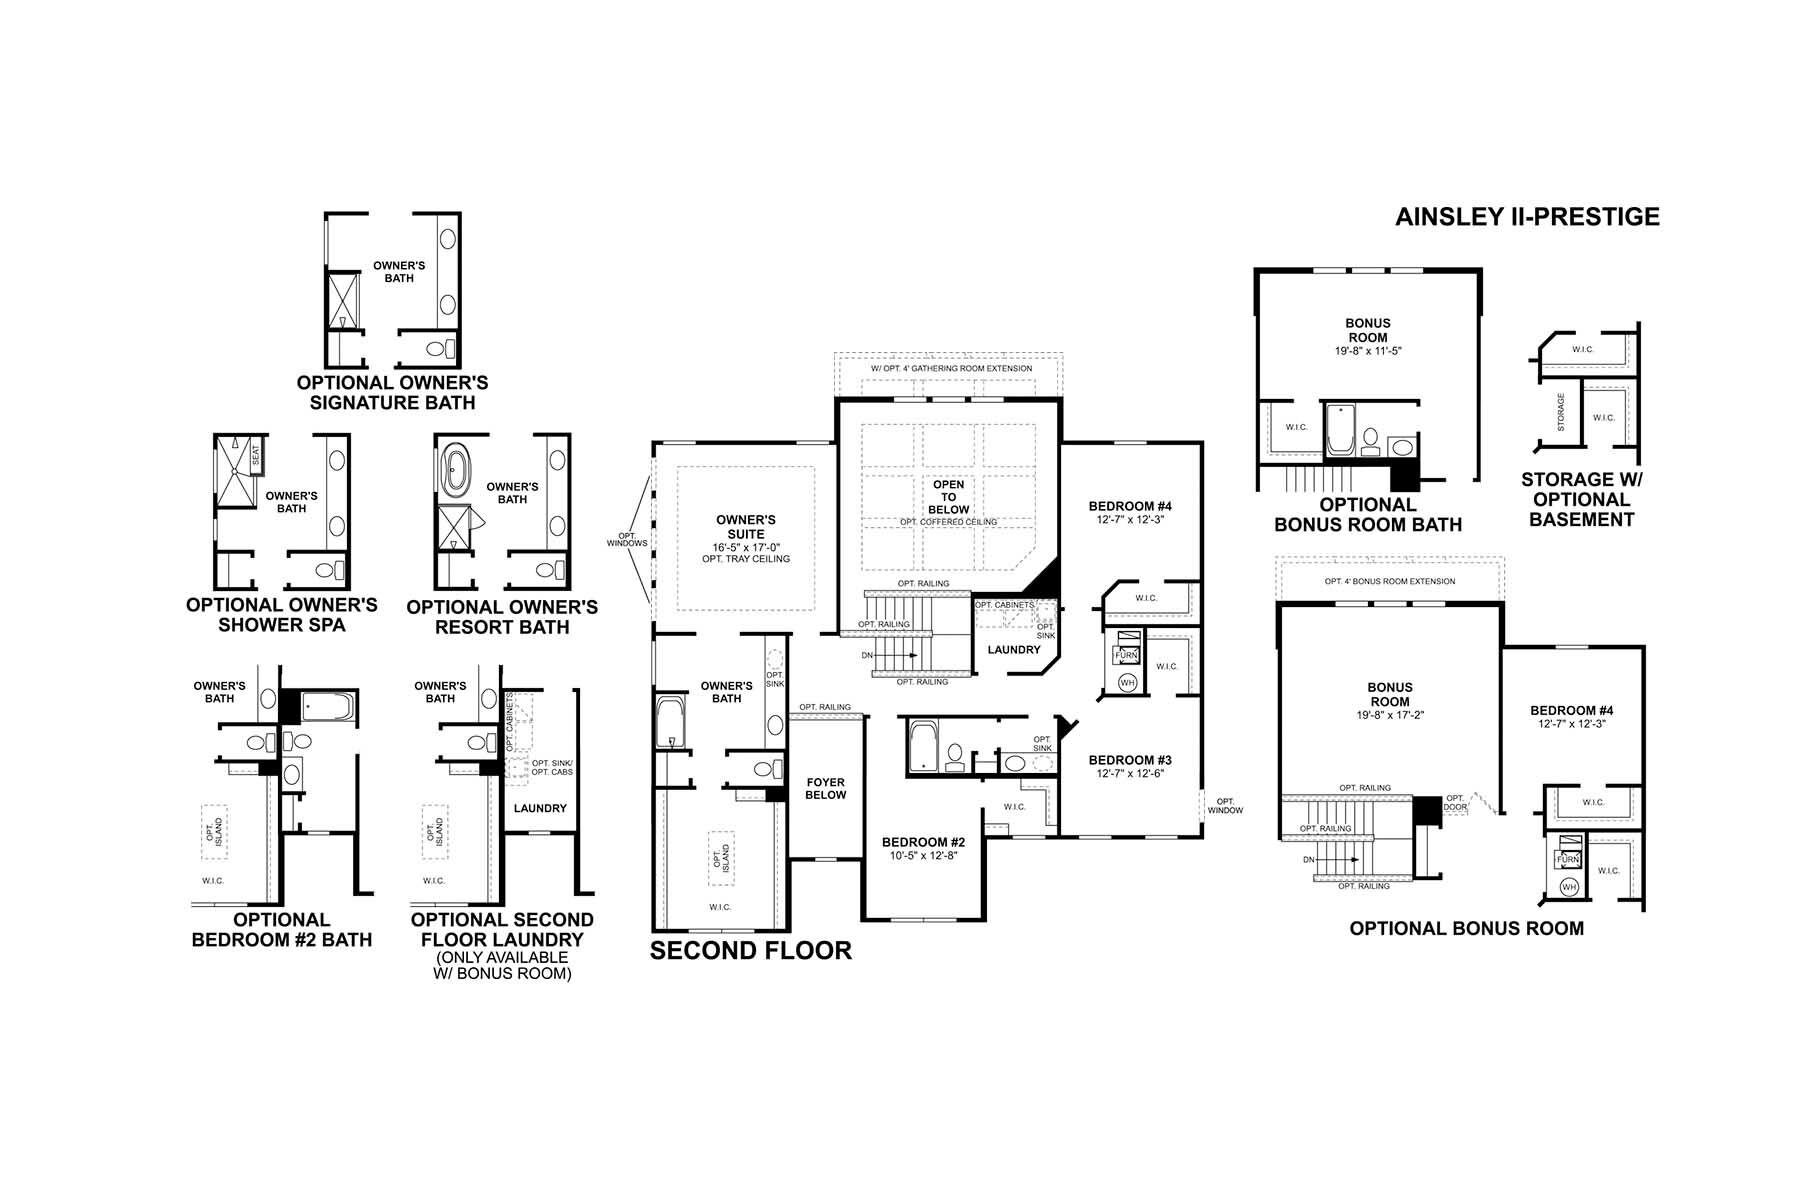 Ainsley II Second Floor